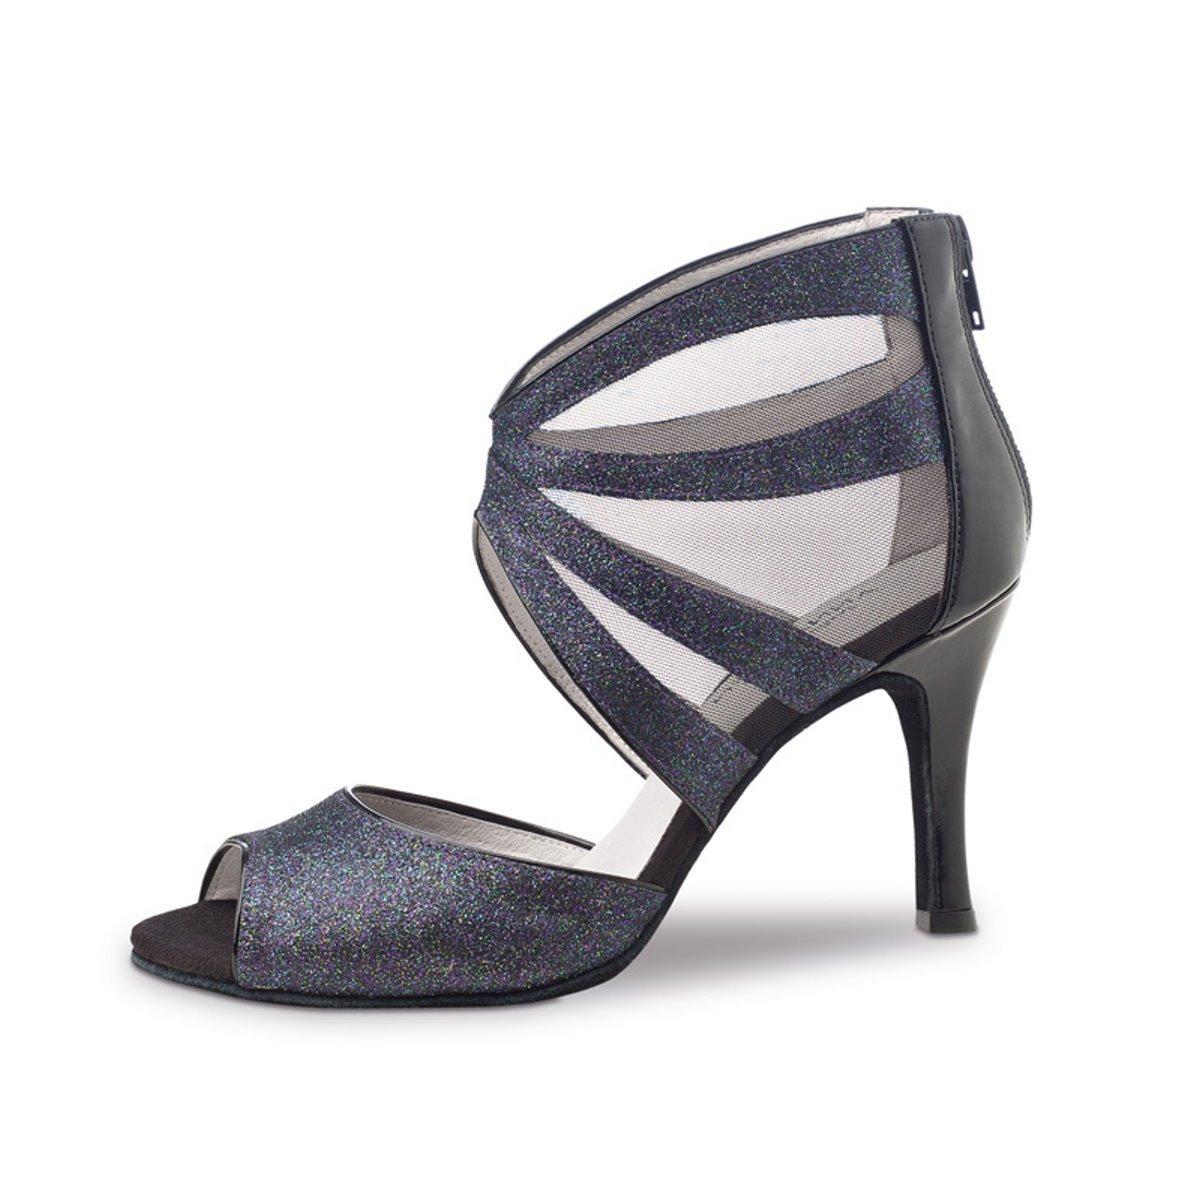 Anna Kern Femmes Chaussures de Danse 766-75 - Vamp Brocart Bleu Glitter - 7,5 CM